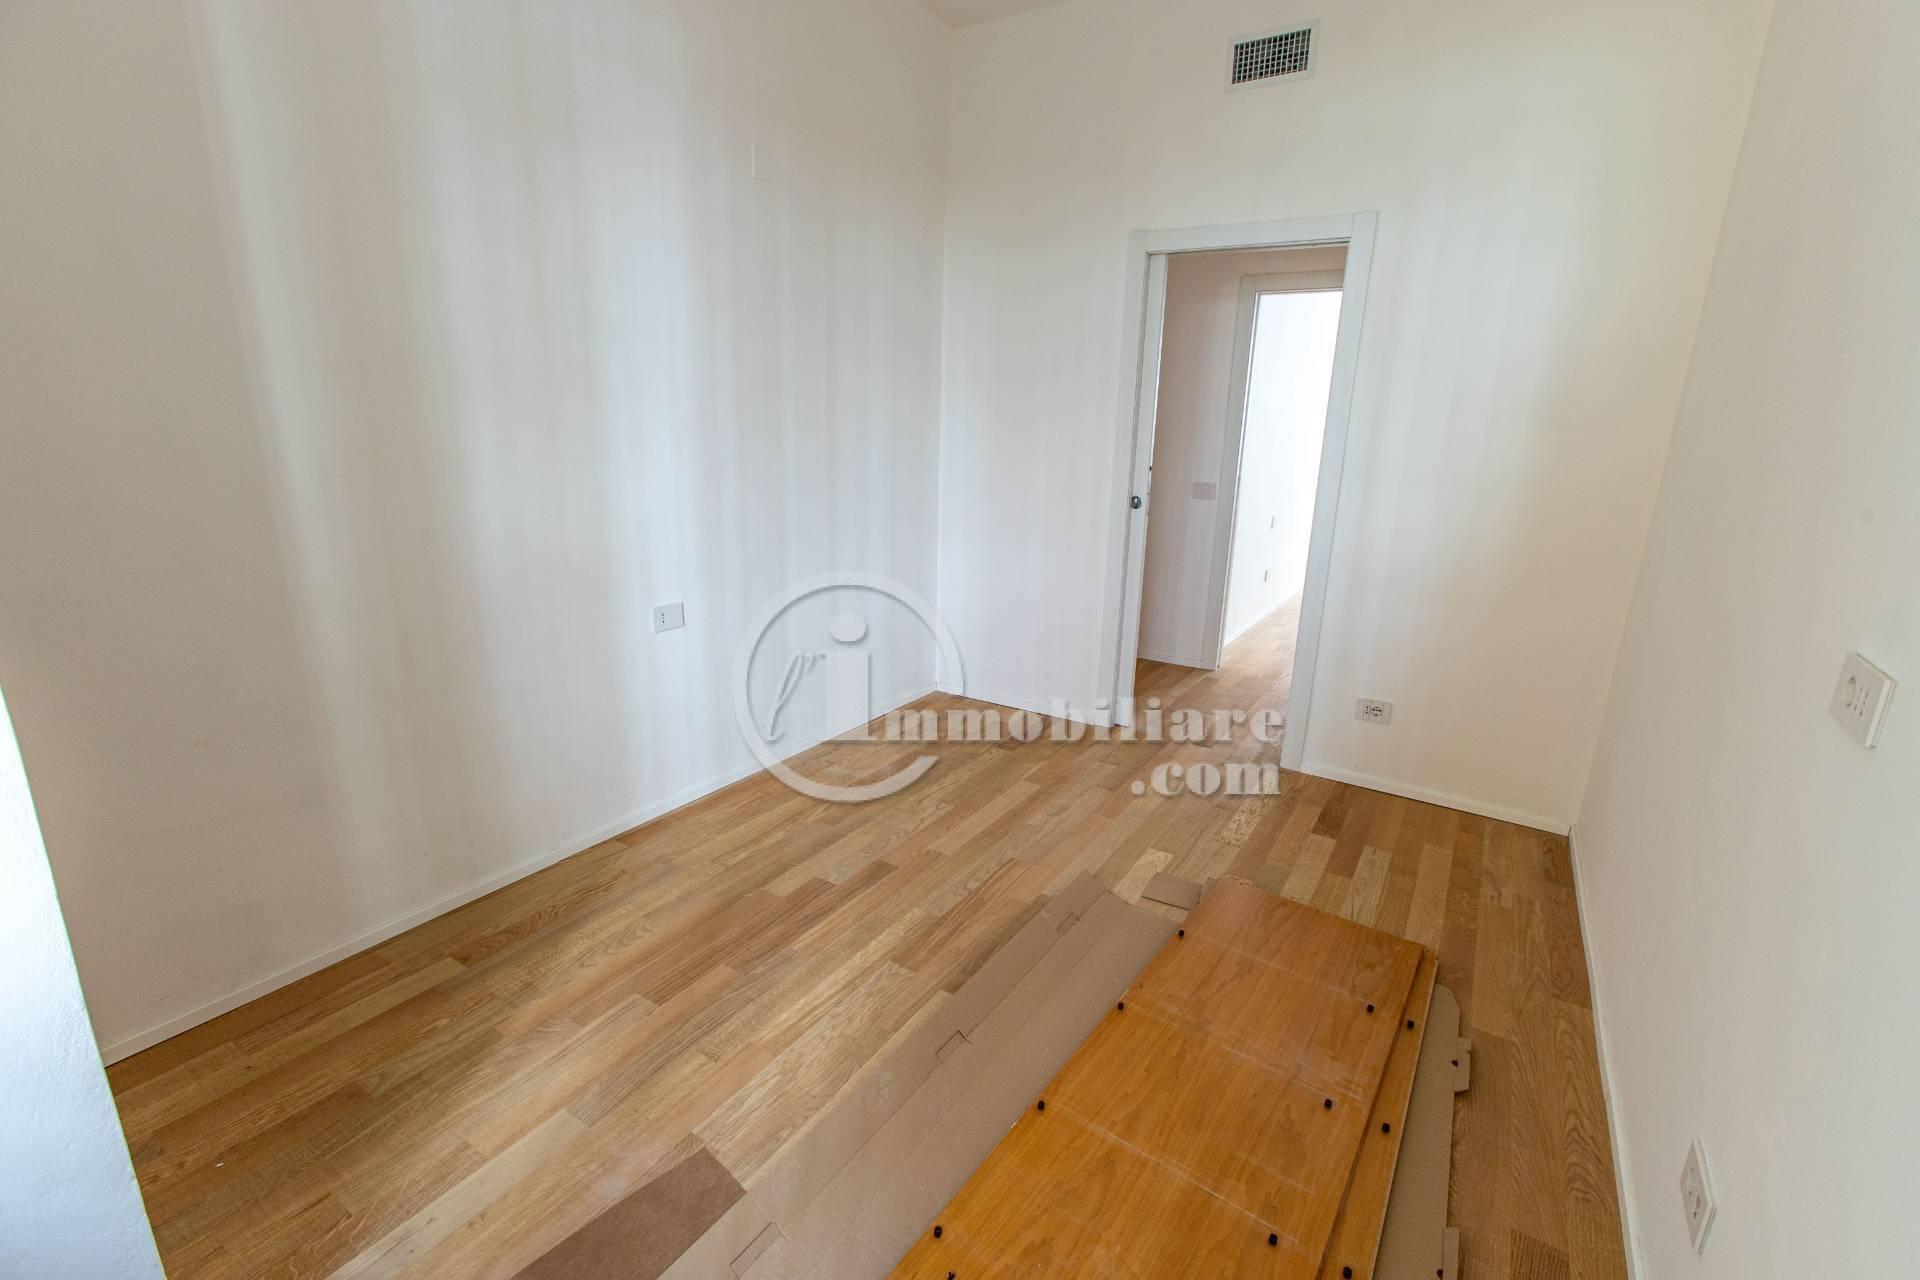 Appartamento in Vendita a Milano: 3 locali, 75 mq - Foto 17